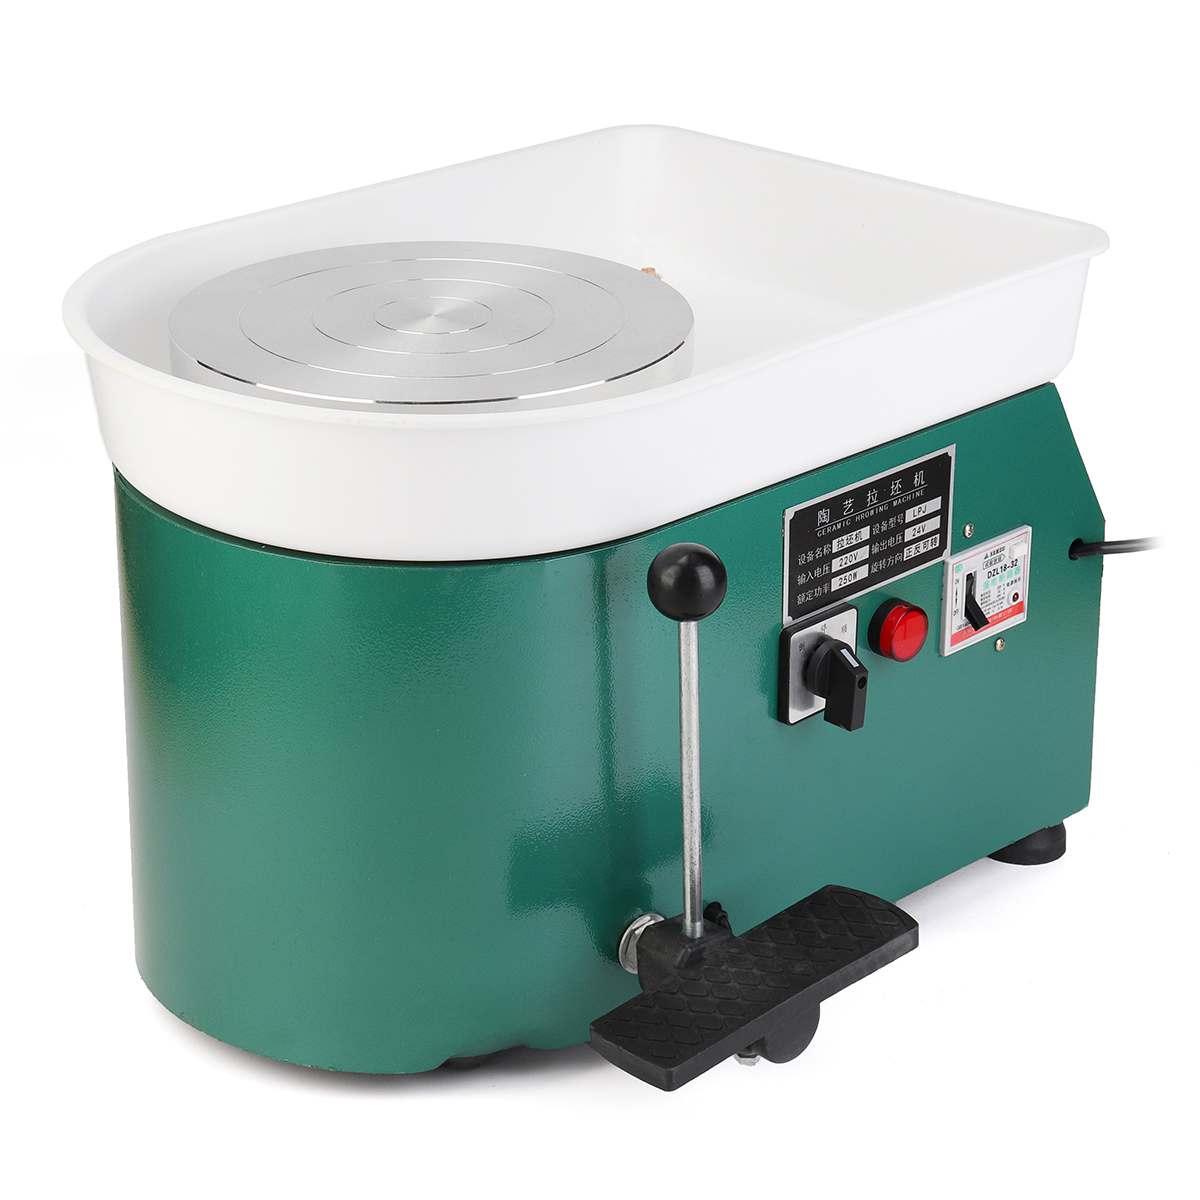 350 W 110 V US élégant vert électrique poterie roue Machine accessoire céramique argile outil pied pédale Art artisanat - 2